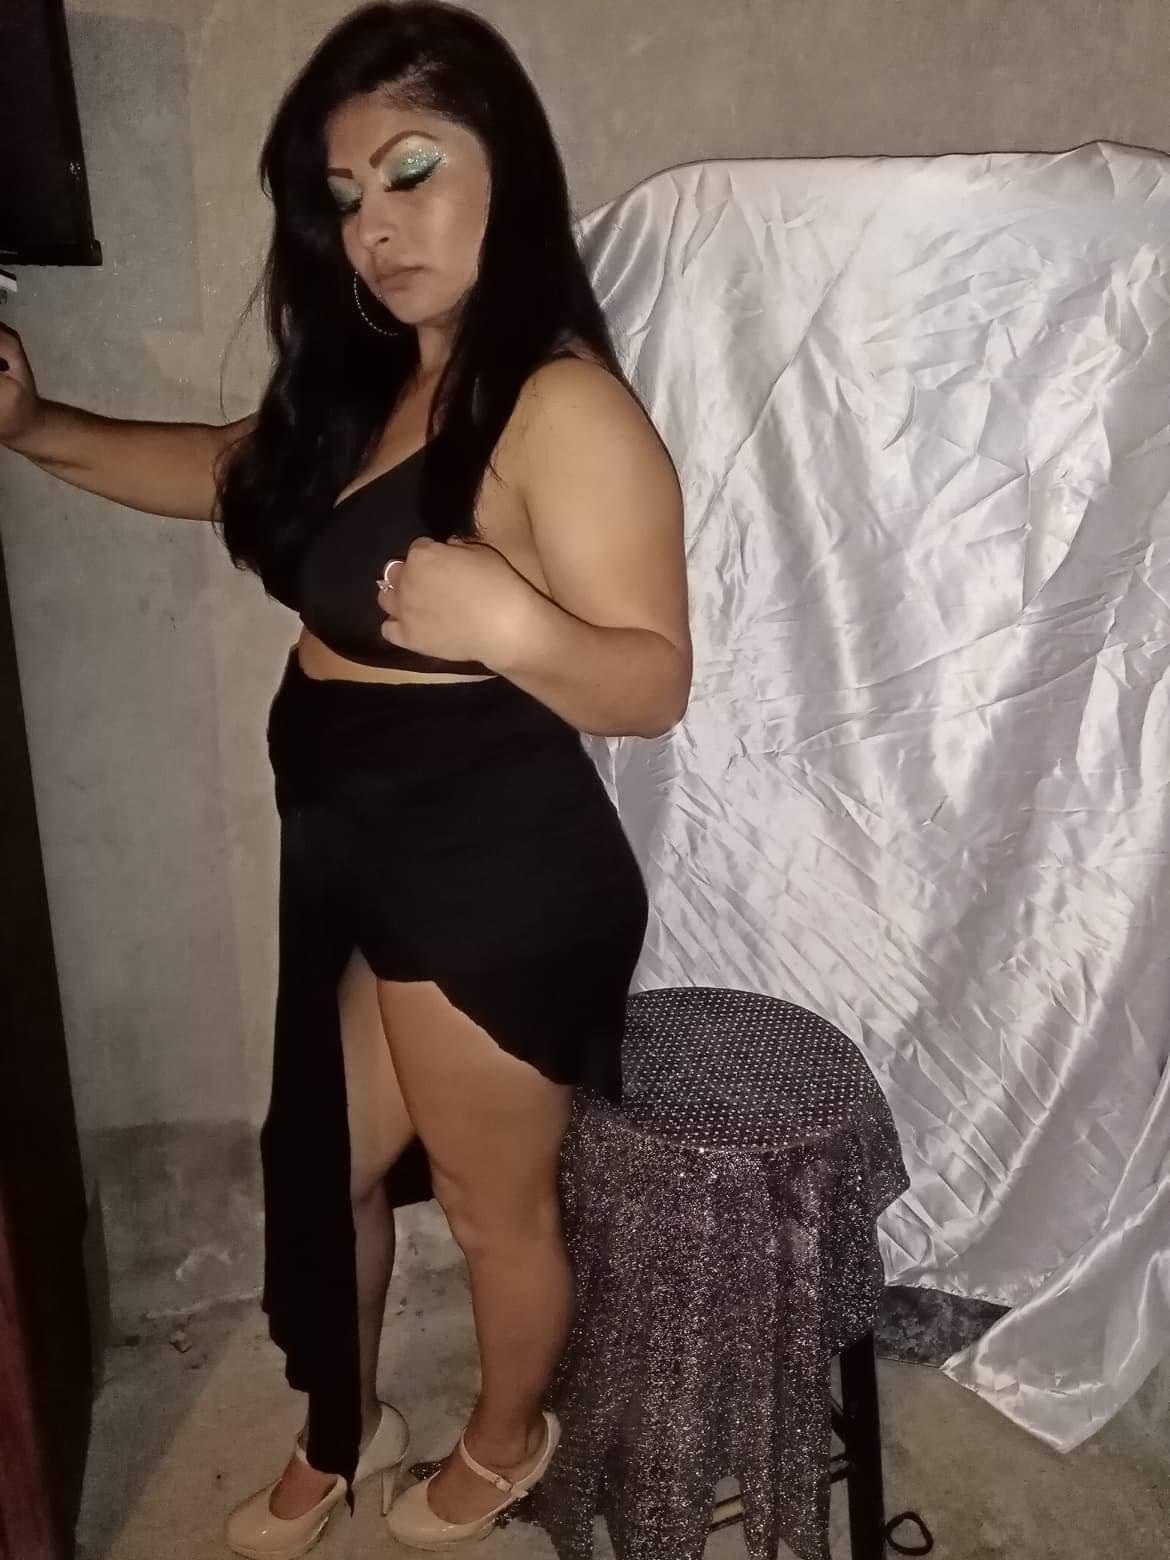 Sandra/Fanny